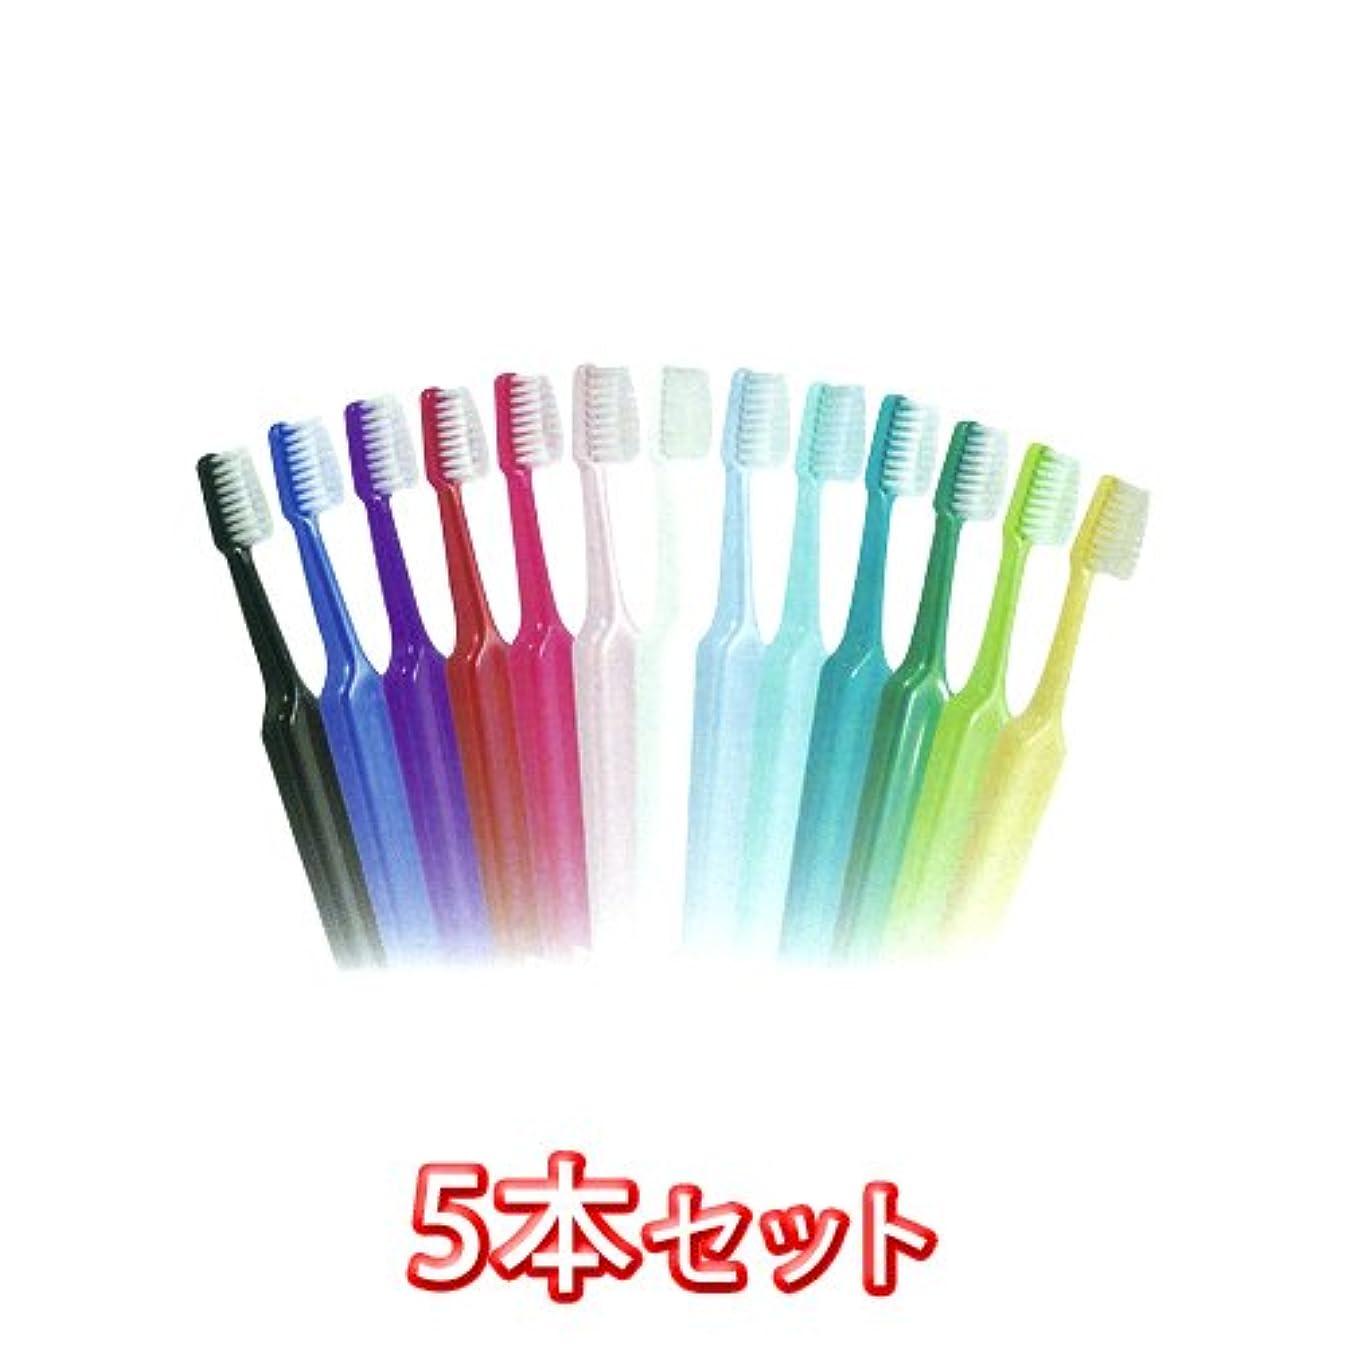 ホーン結果としてコーンウォールクロスフィールド TePe テペセレクトコンパクト 歯ブラシ × 5本入 コンパクトエクストラソフト